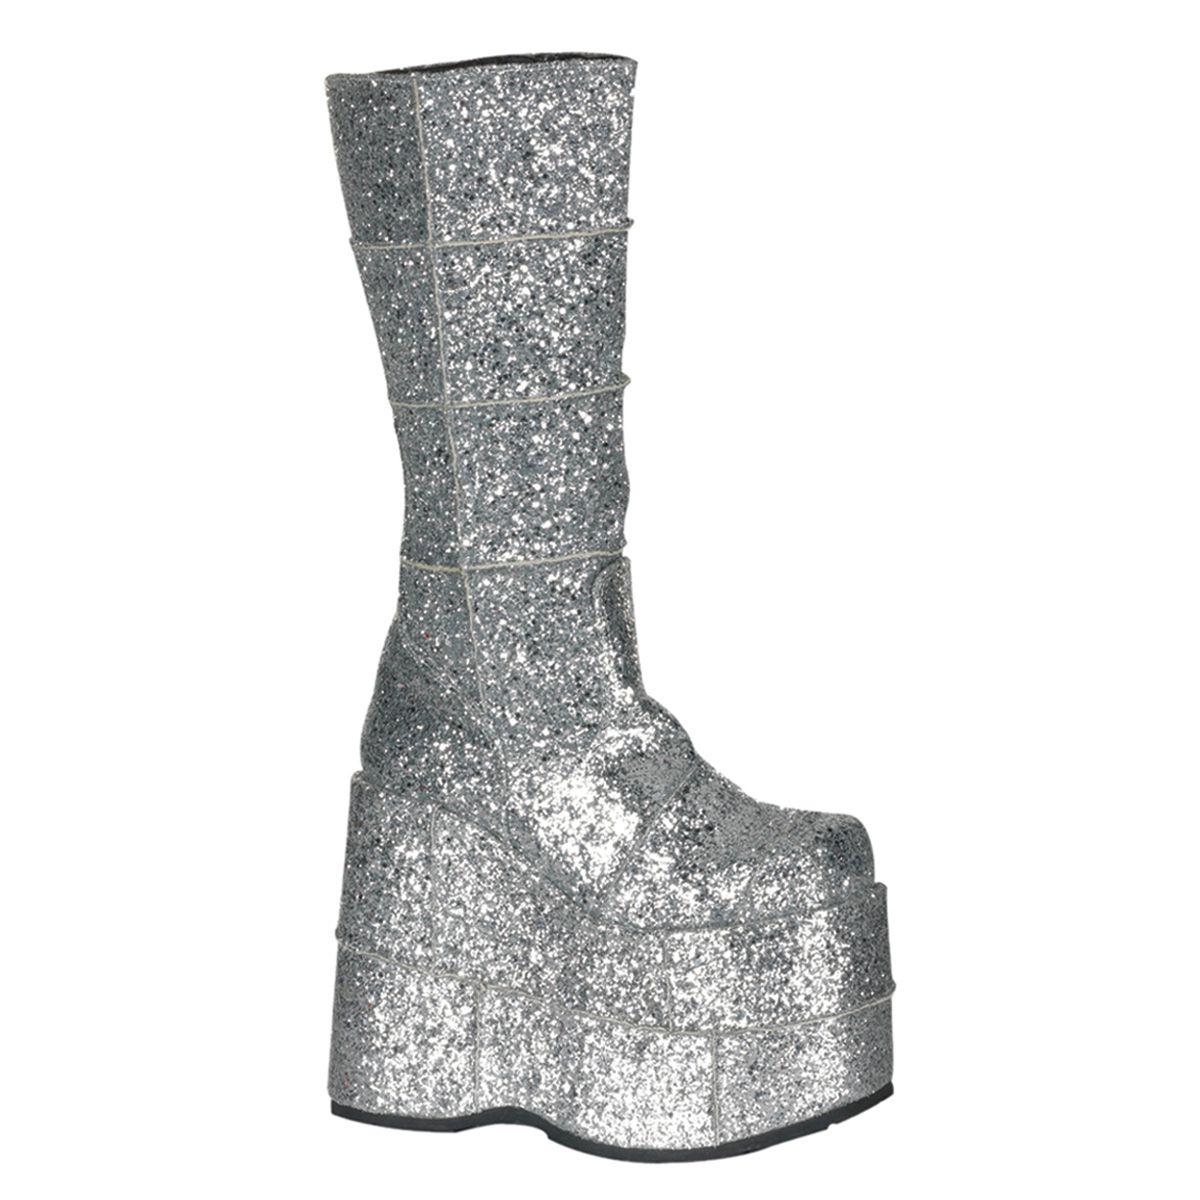 Bota Stack 301G Glitter - Demonia (encomenda)